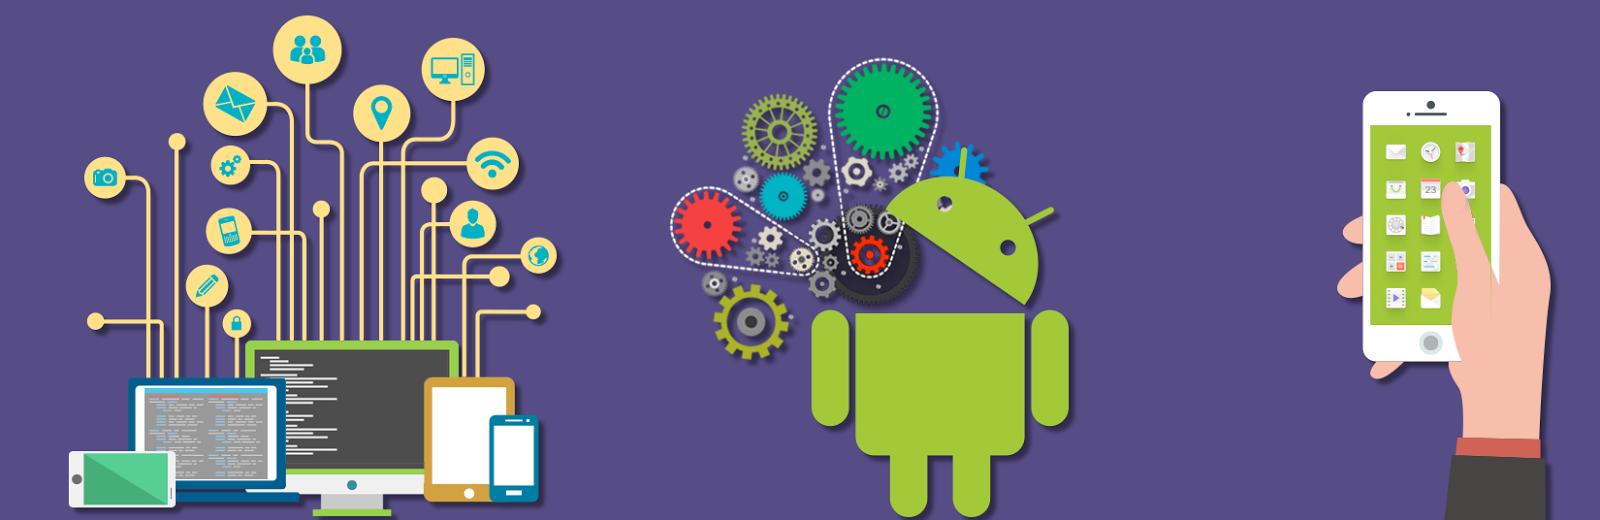 9 Aplikasi Android Ini Bisa Membuat Hp Kalian Jadi Lebih Pintar